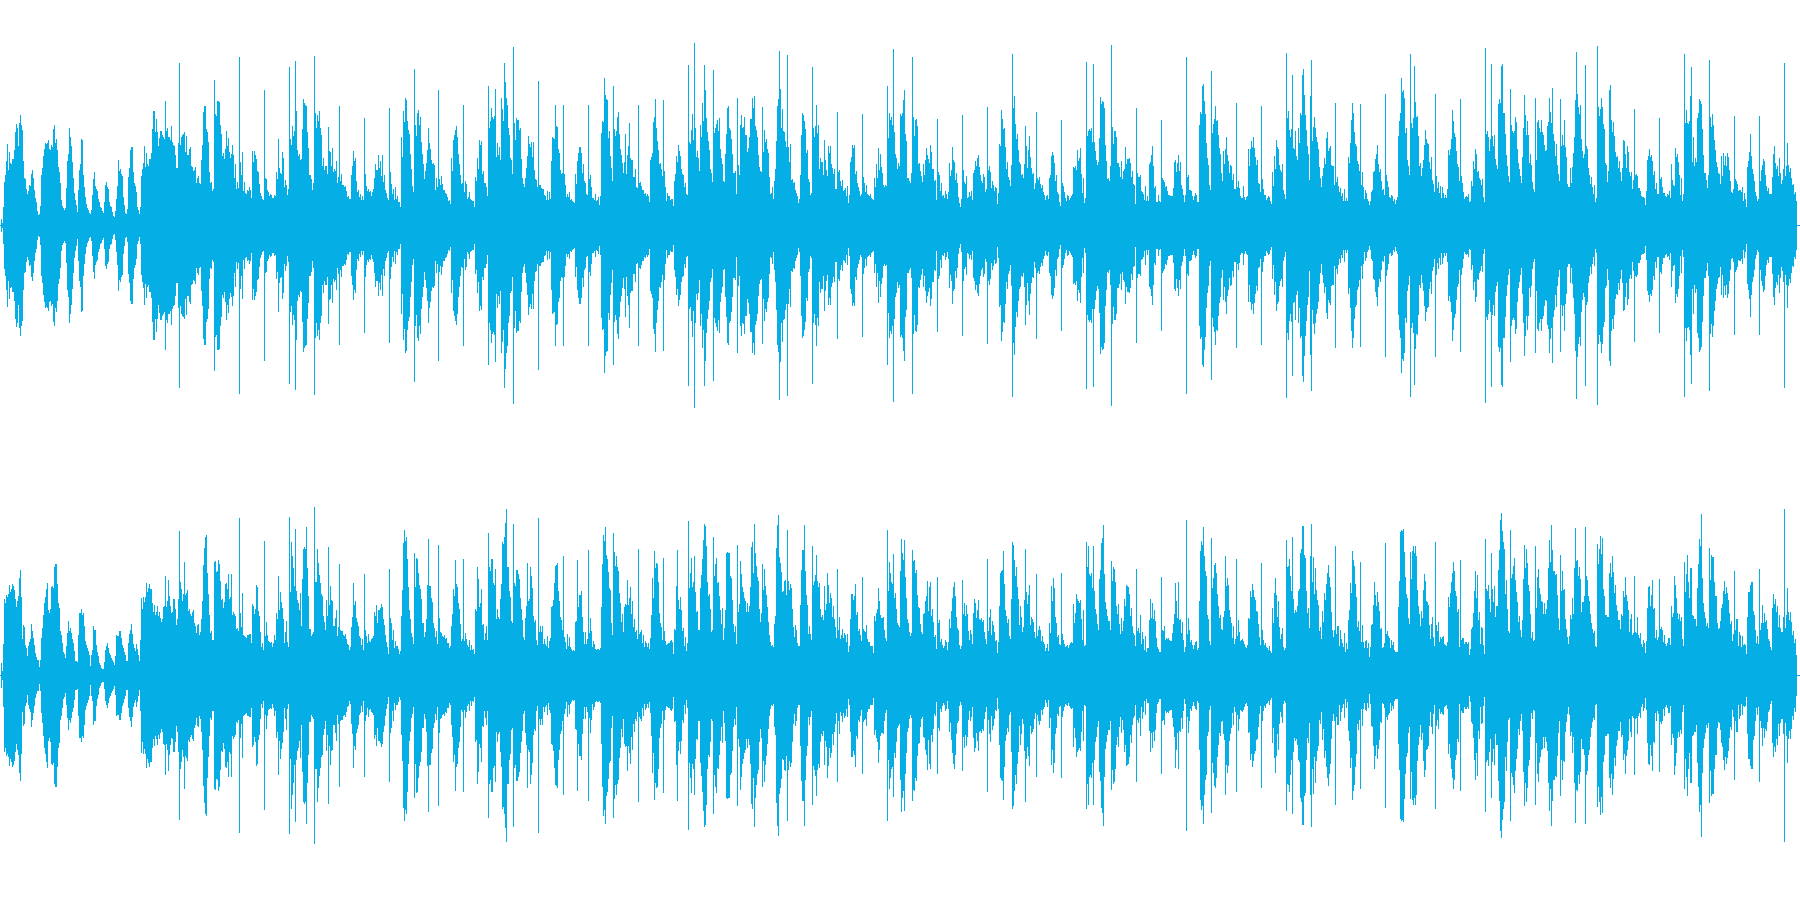 オーケストラ ゲームの場面転換などの再生済みの波形